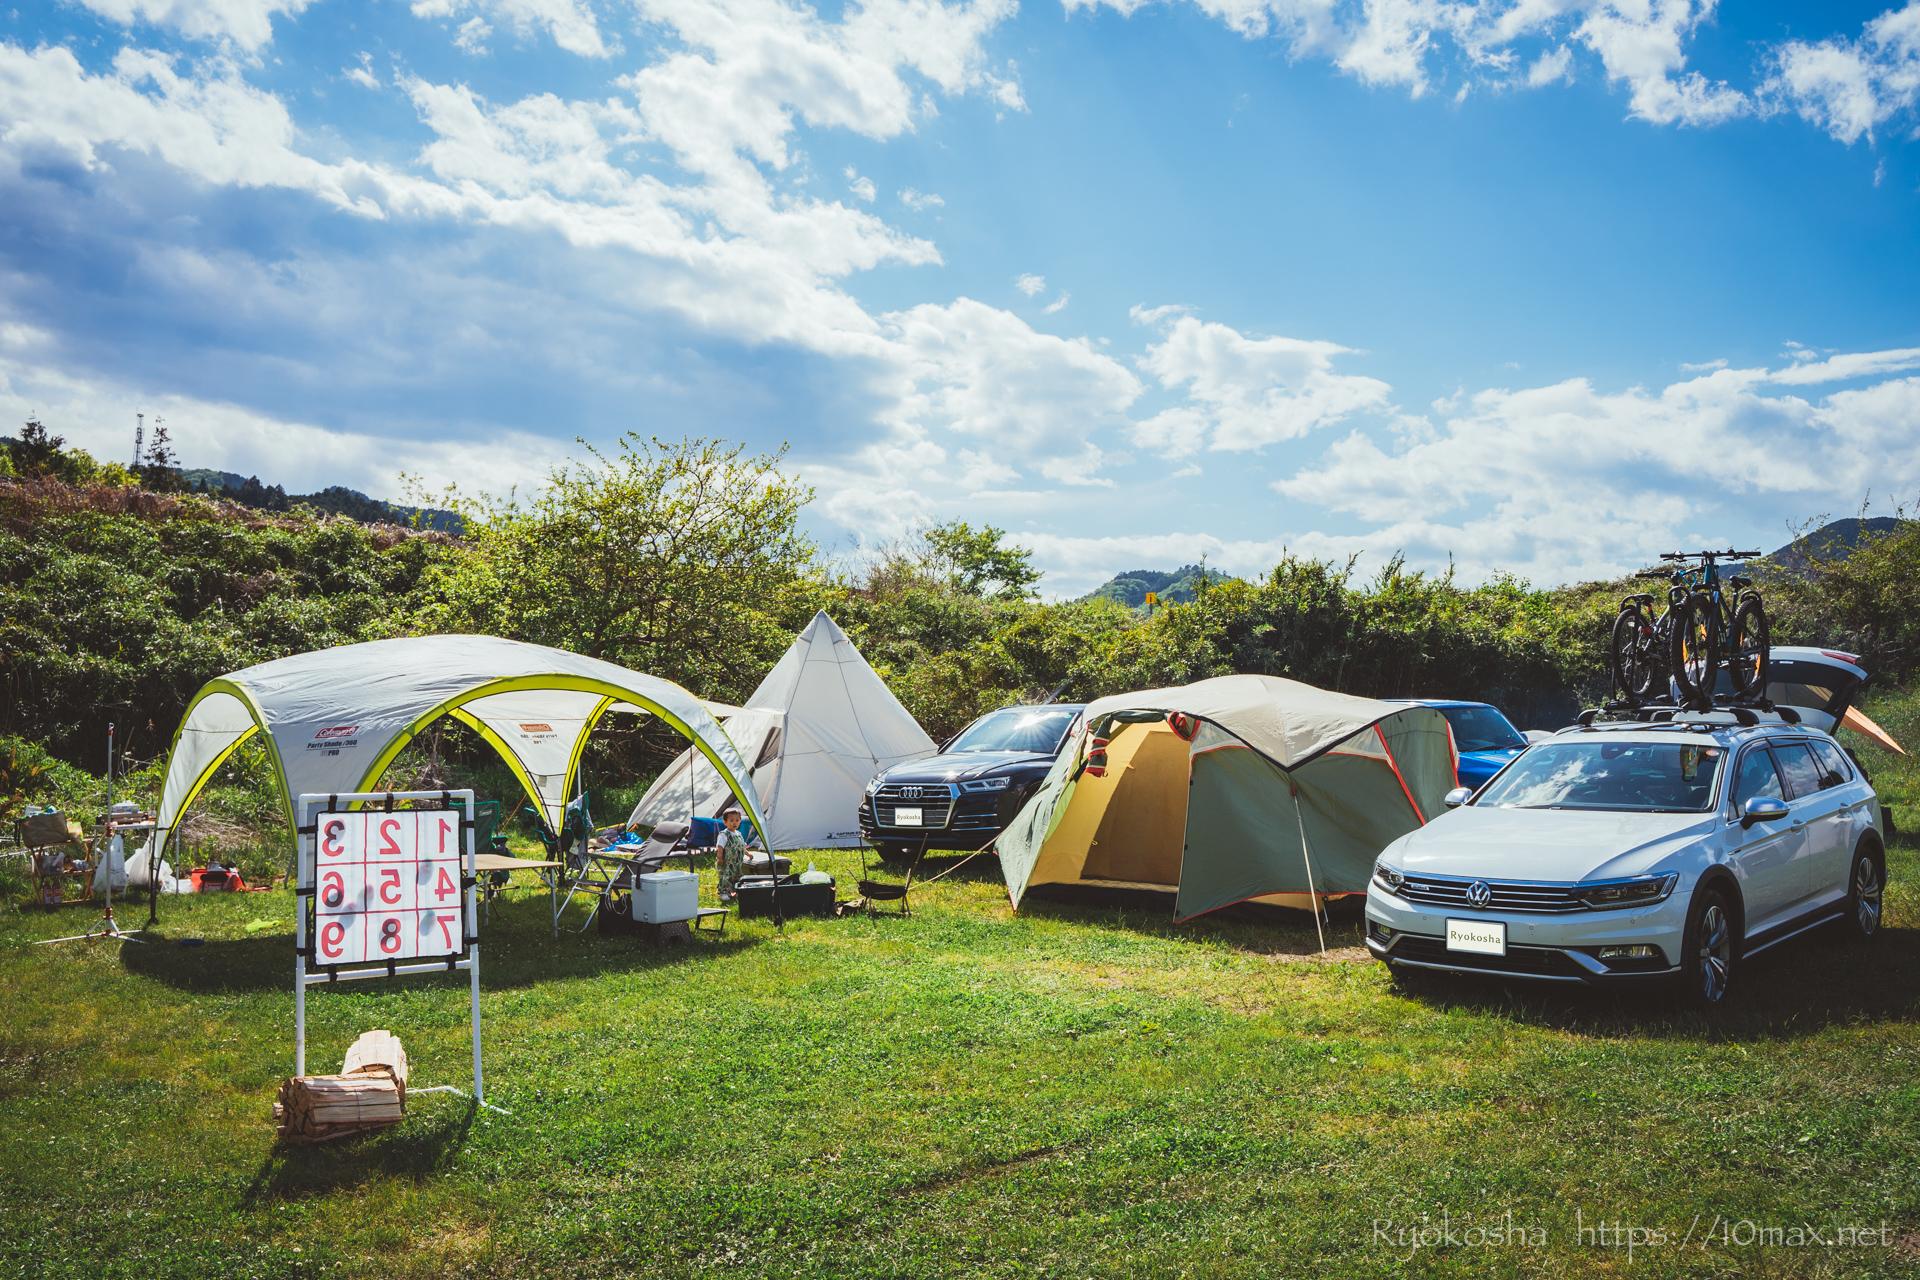 上小川キャンプ場 茨城県 キャンプレポート ブログ